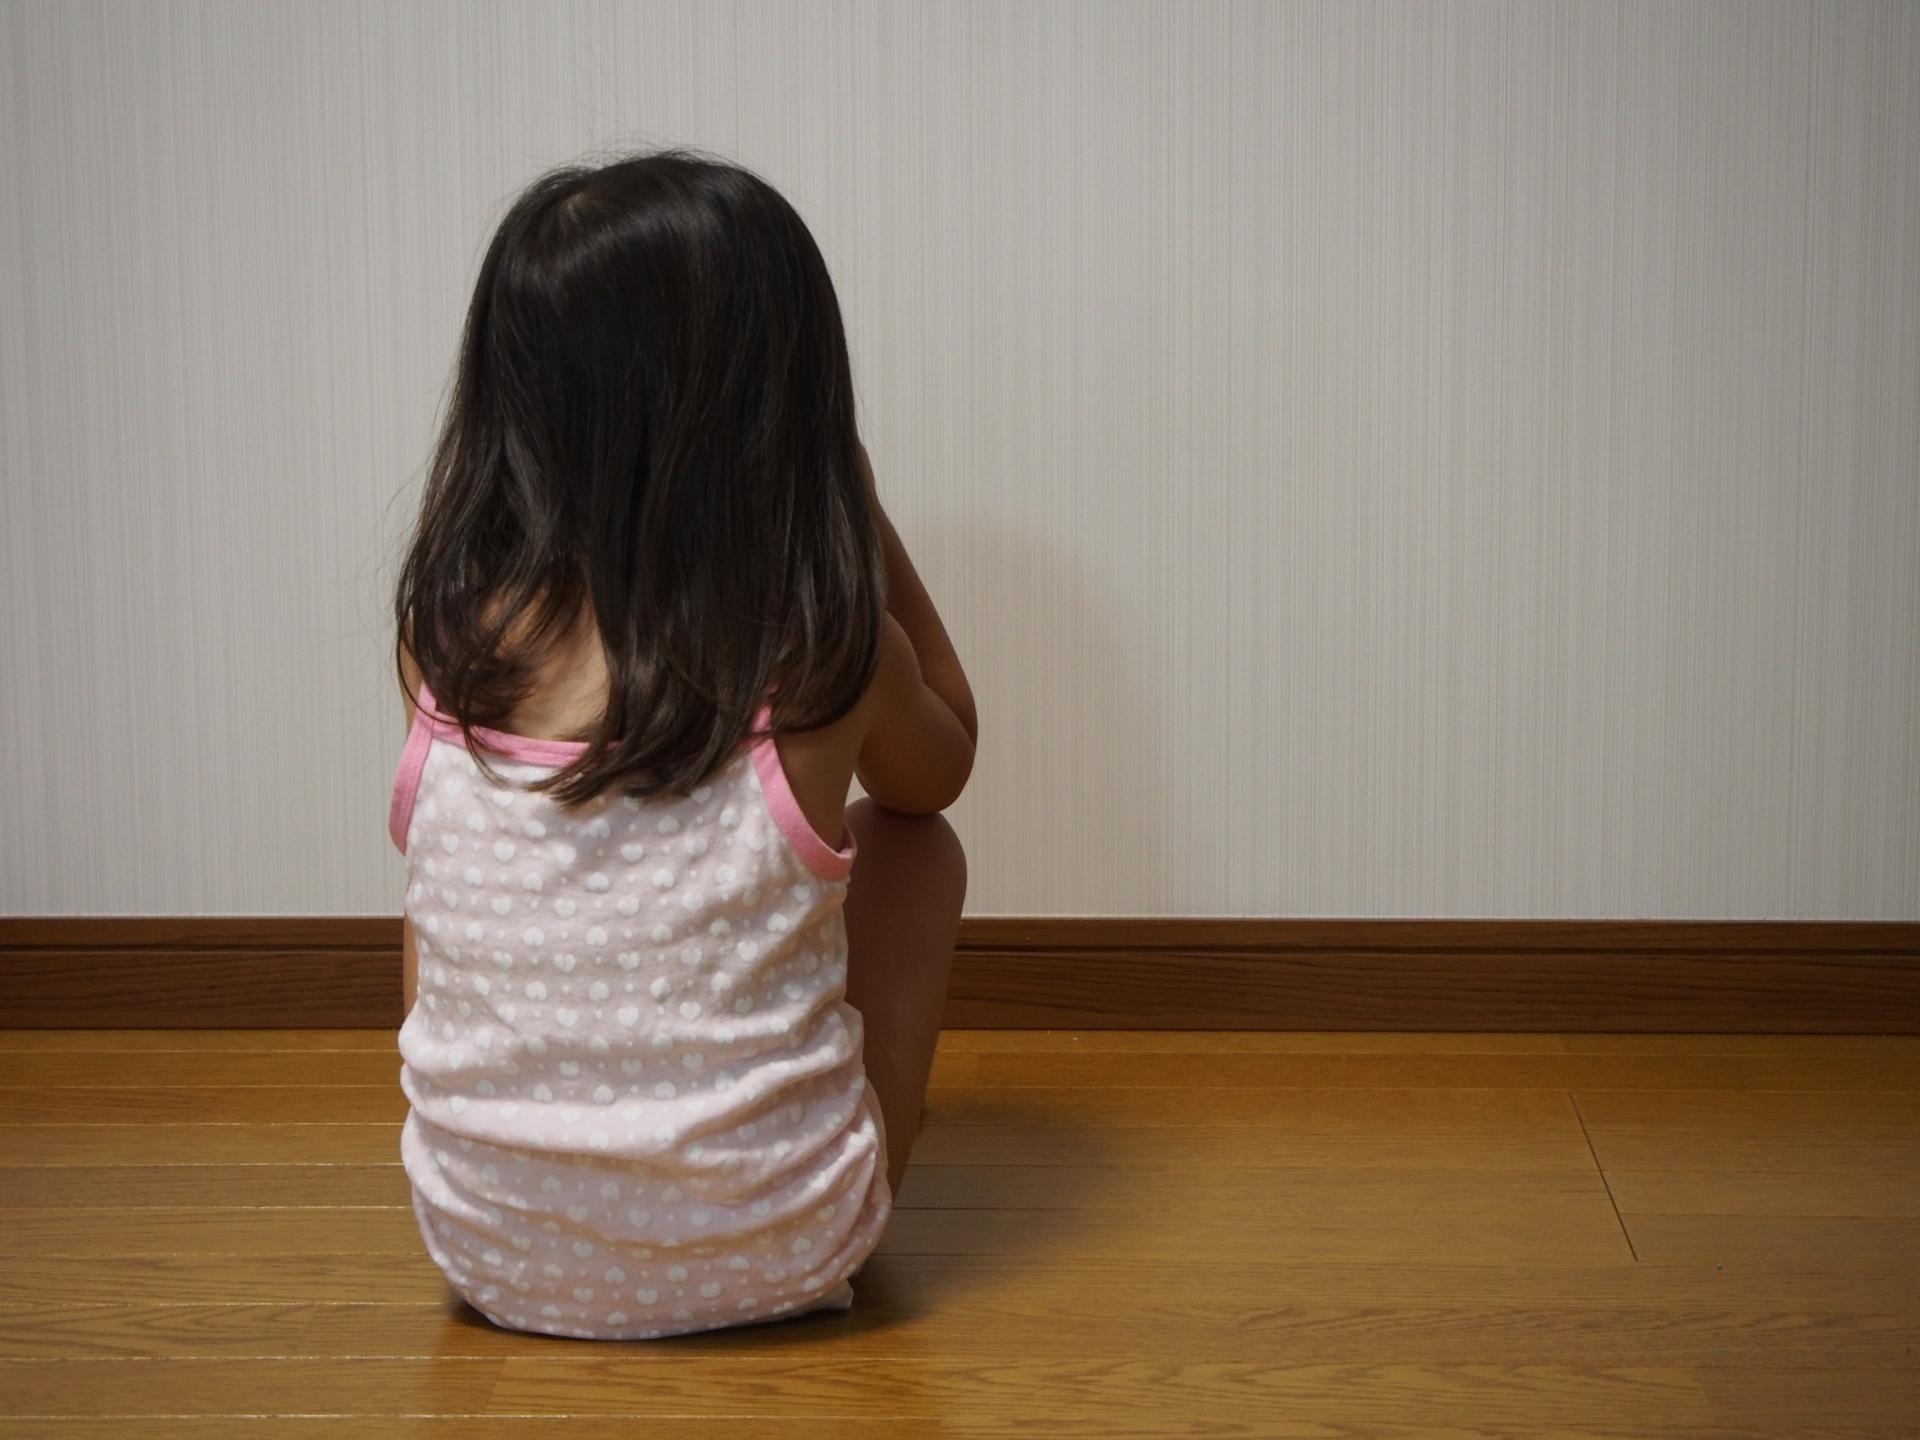 虐待された女の子